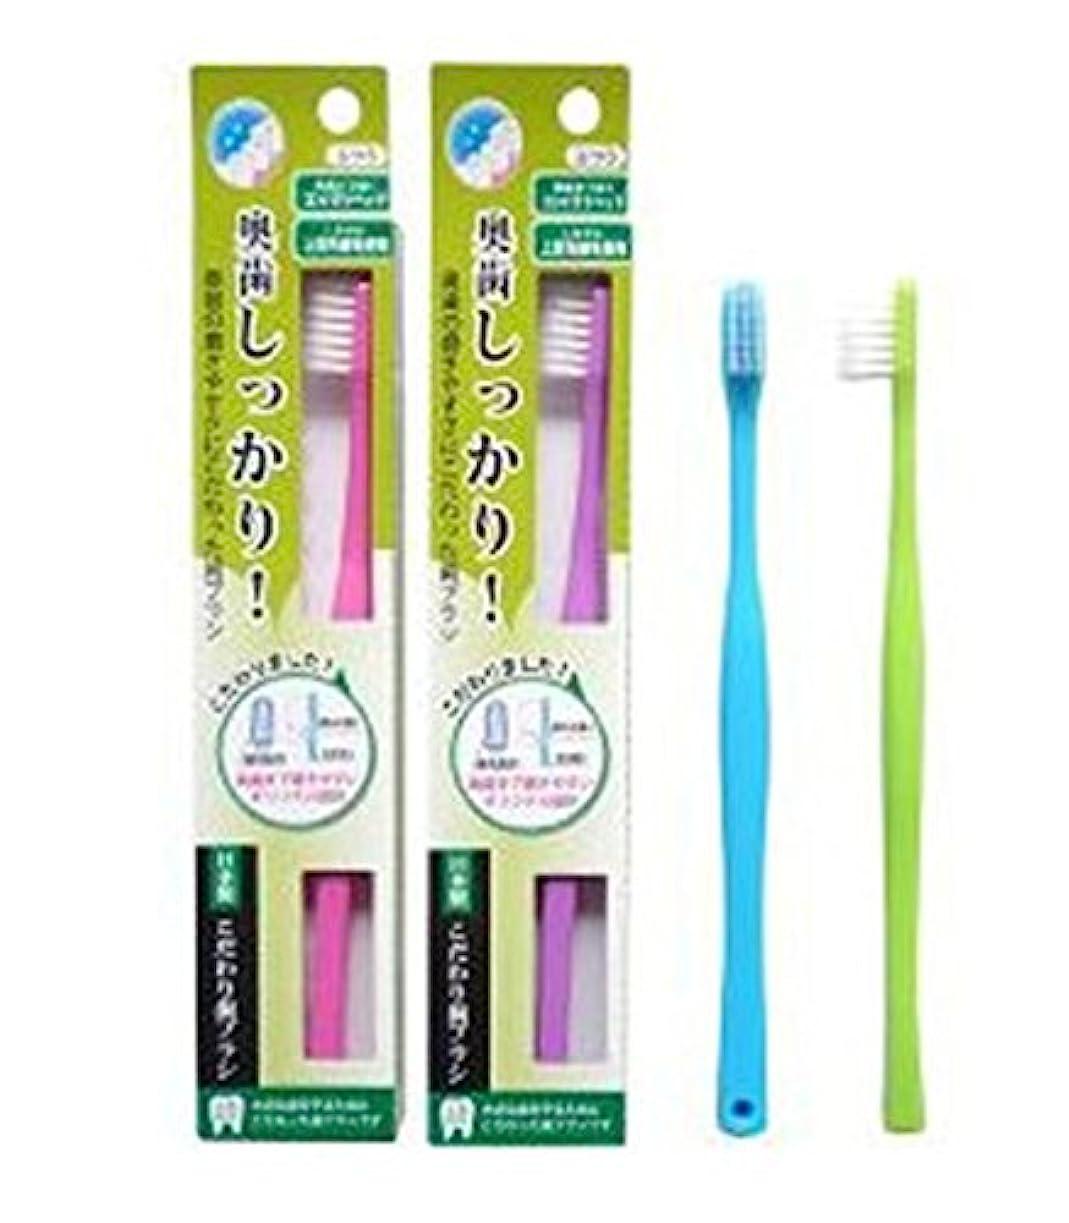 侵入するシャンプー要件ライフレンジ 奥歯しっかりこだわり歯ブラシ 先細 12本 (ピンク4、パープル4、ブルー2、グリーン2)アソート